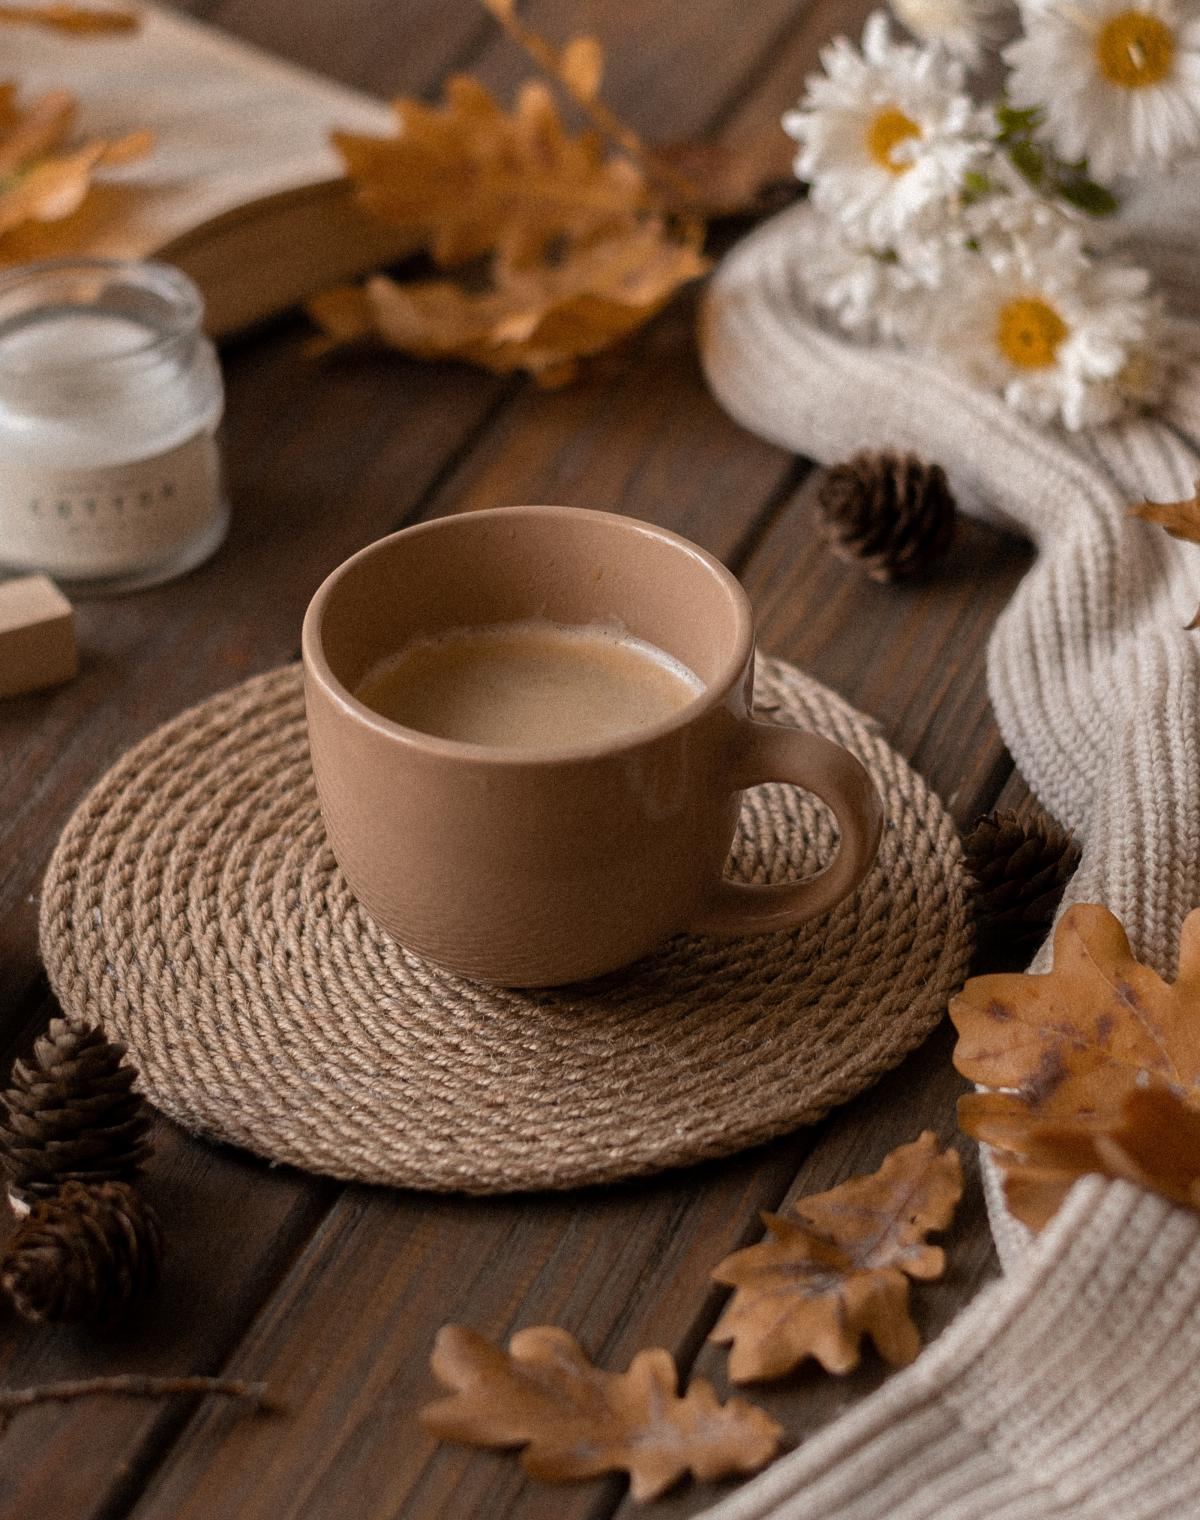 Cup Breakfast Drink #423850